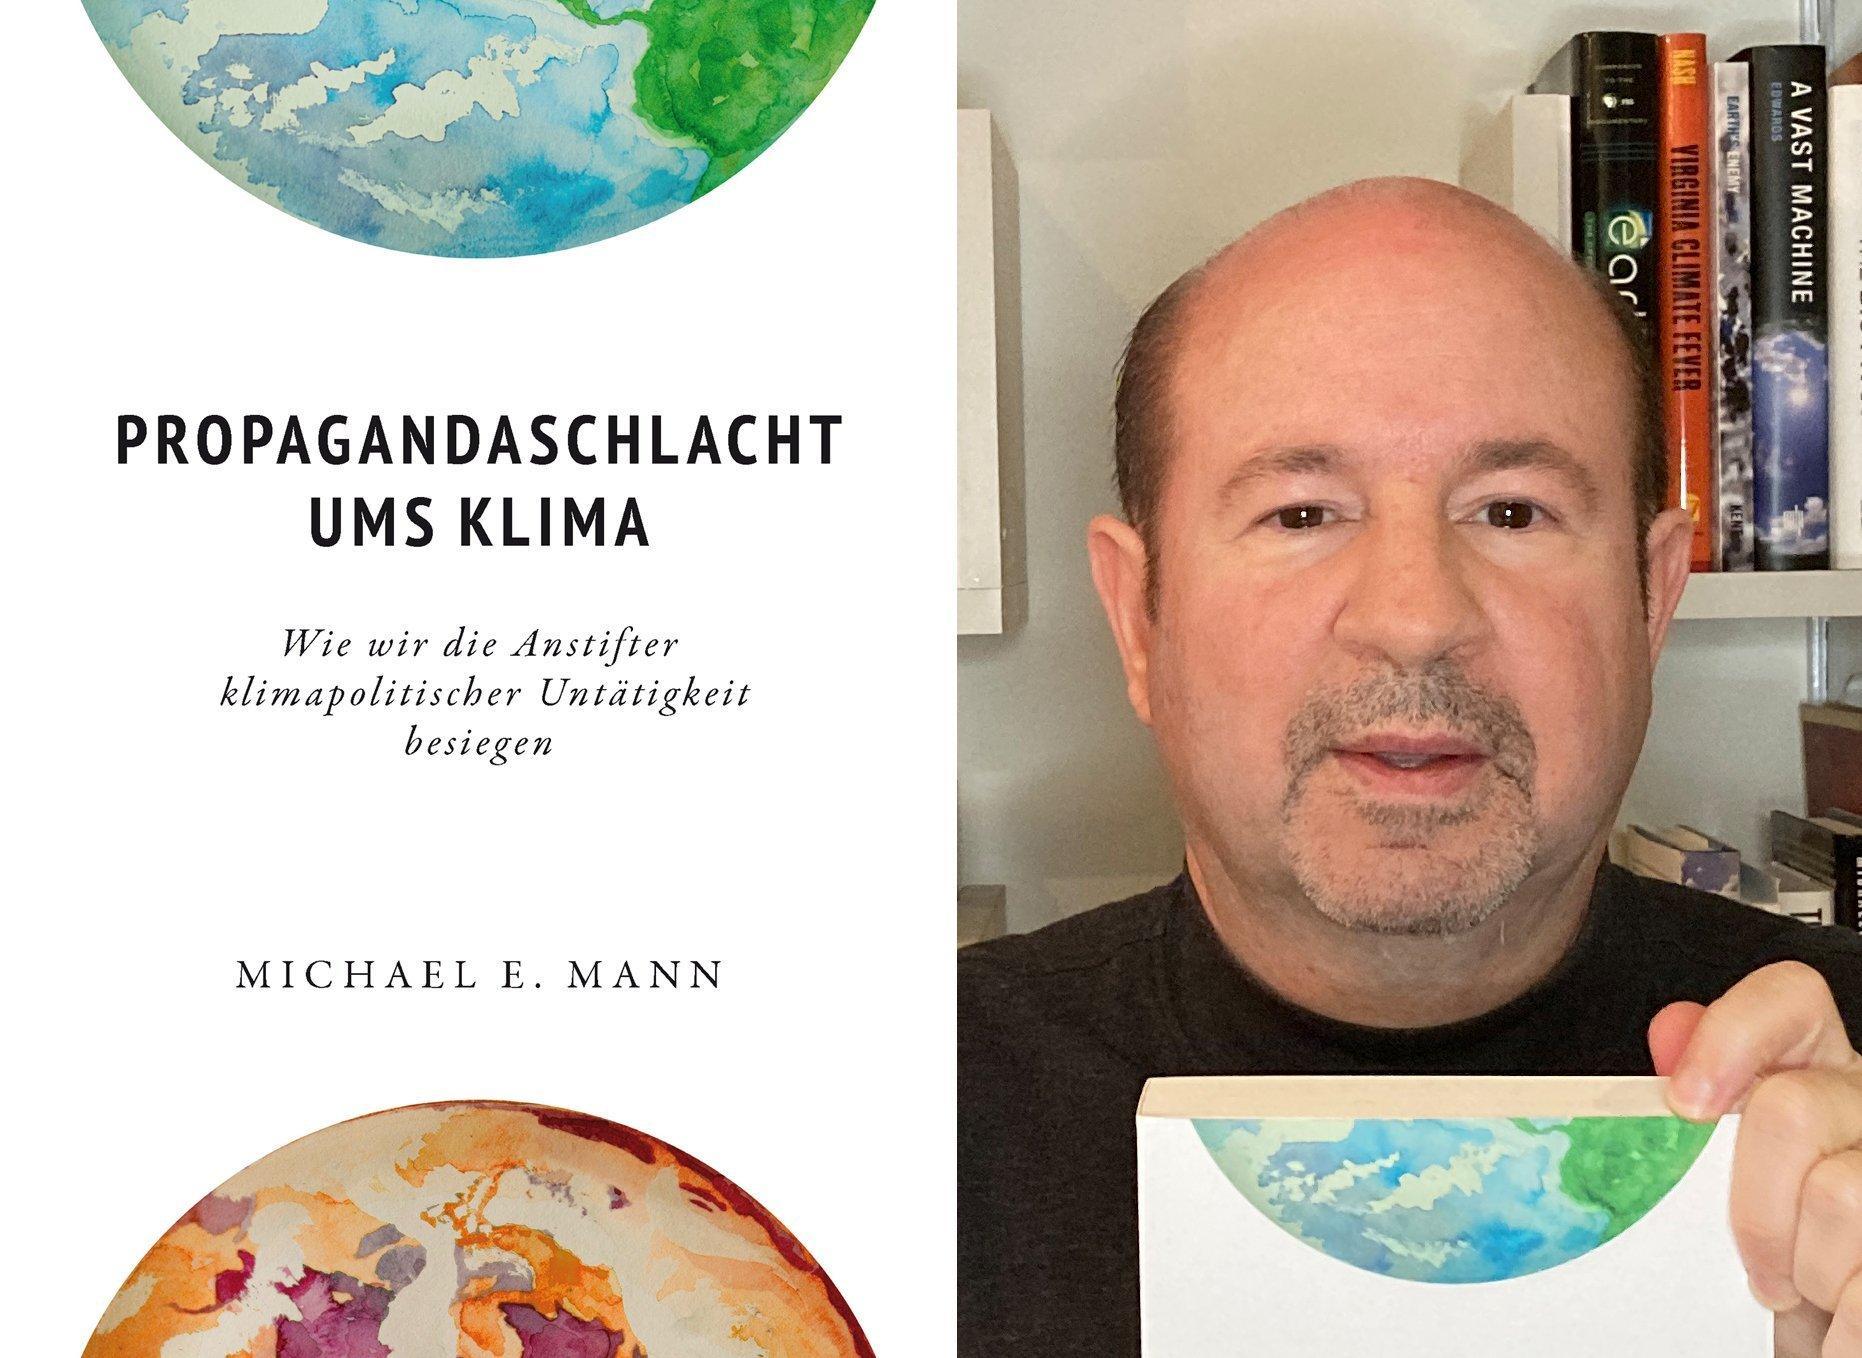 """Links auf dem Cover ragt eine blaue Weltkugel von oben und eine braune von unten ins Bild, dazwischen steht der Titel: """"Propagandaschlacht ums Klima"""". Rechts blickt Michael Mann in die Kamera."""